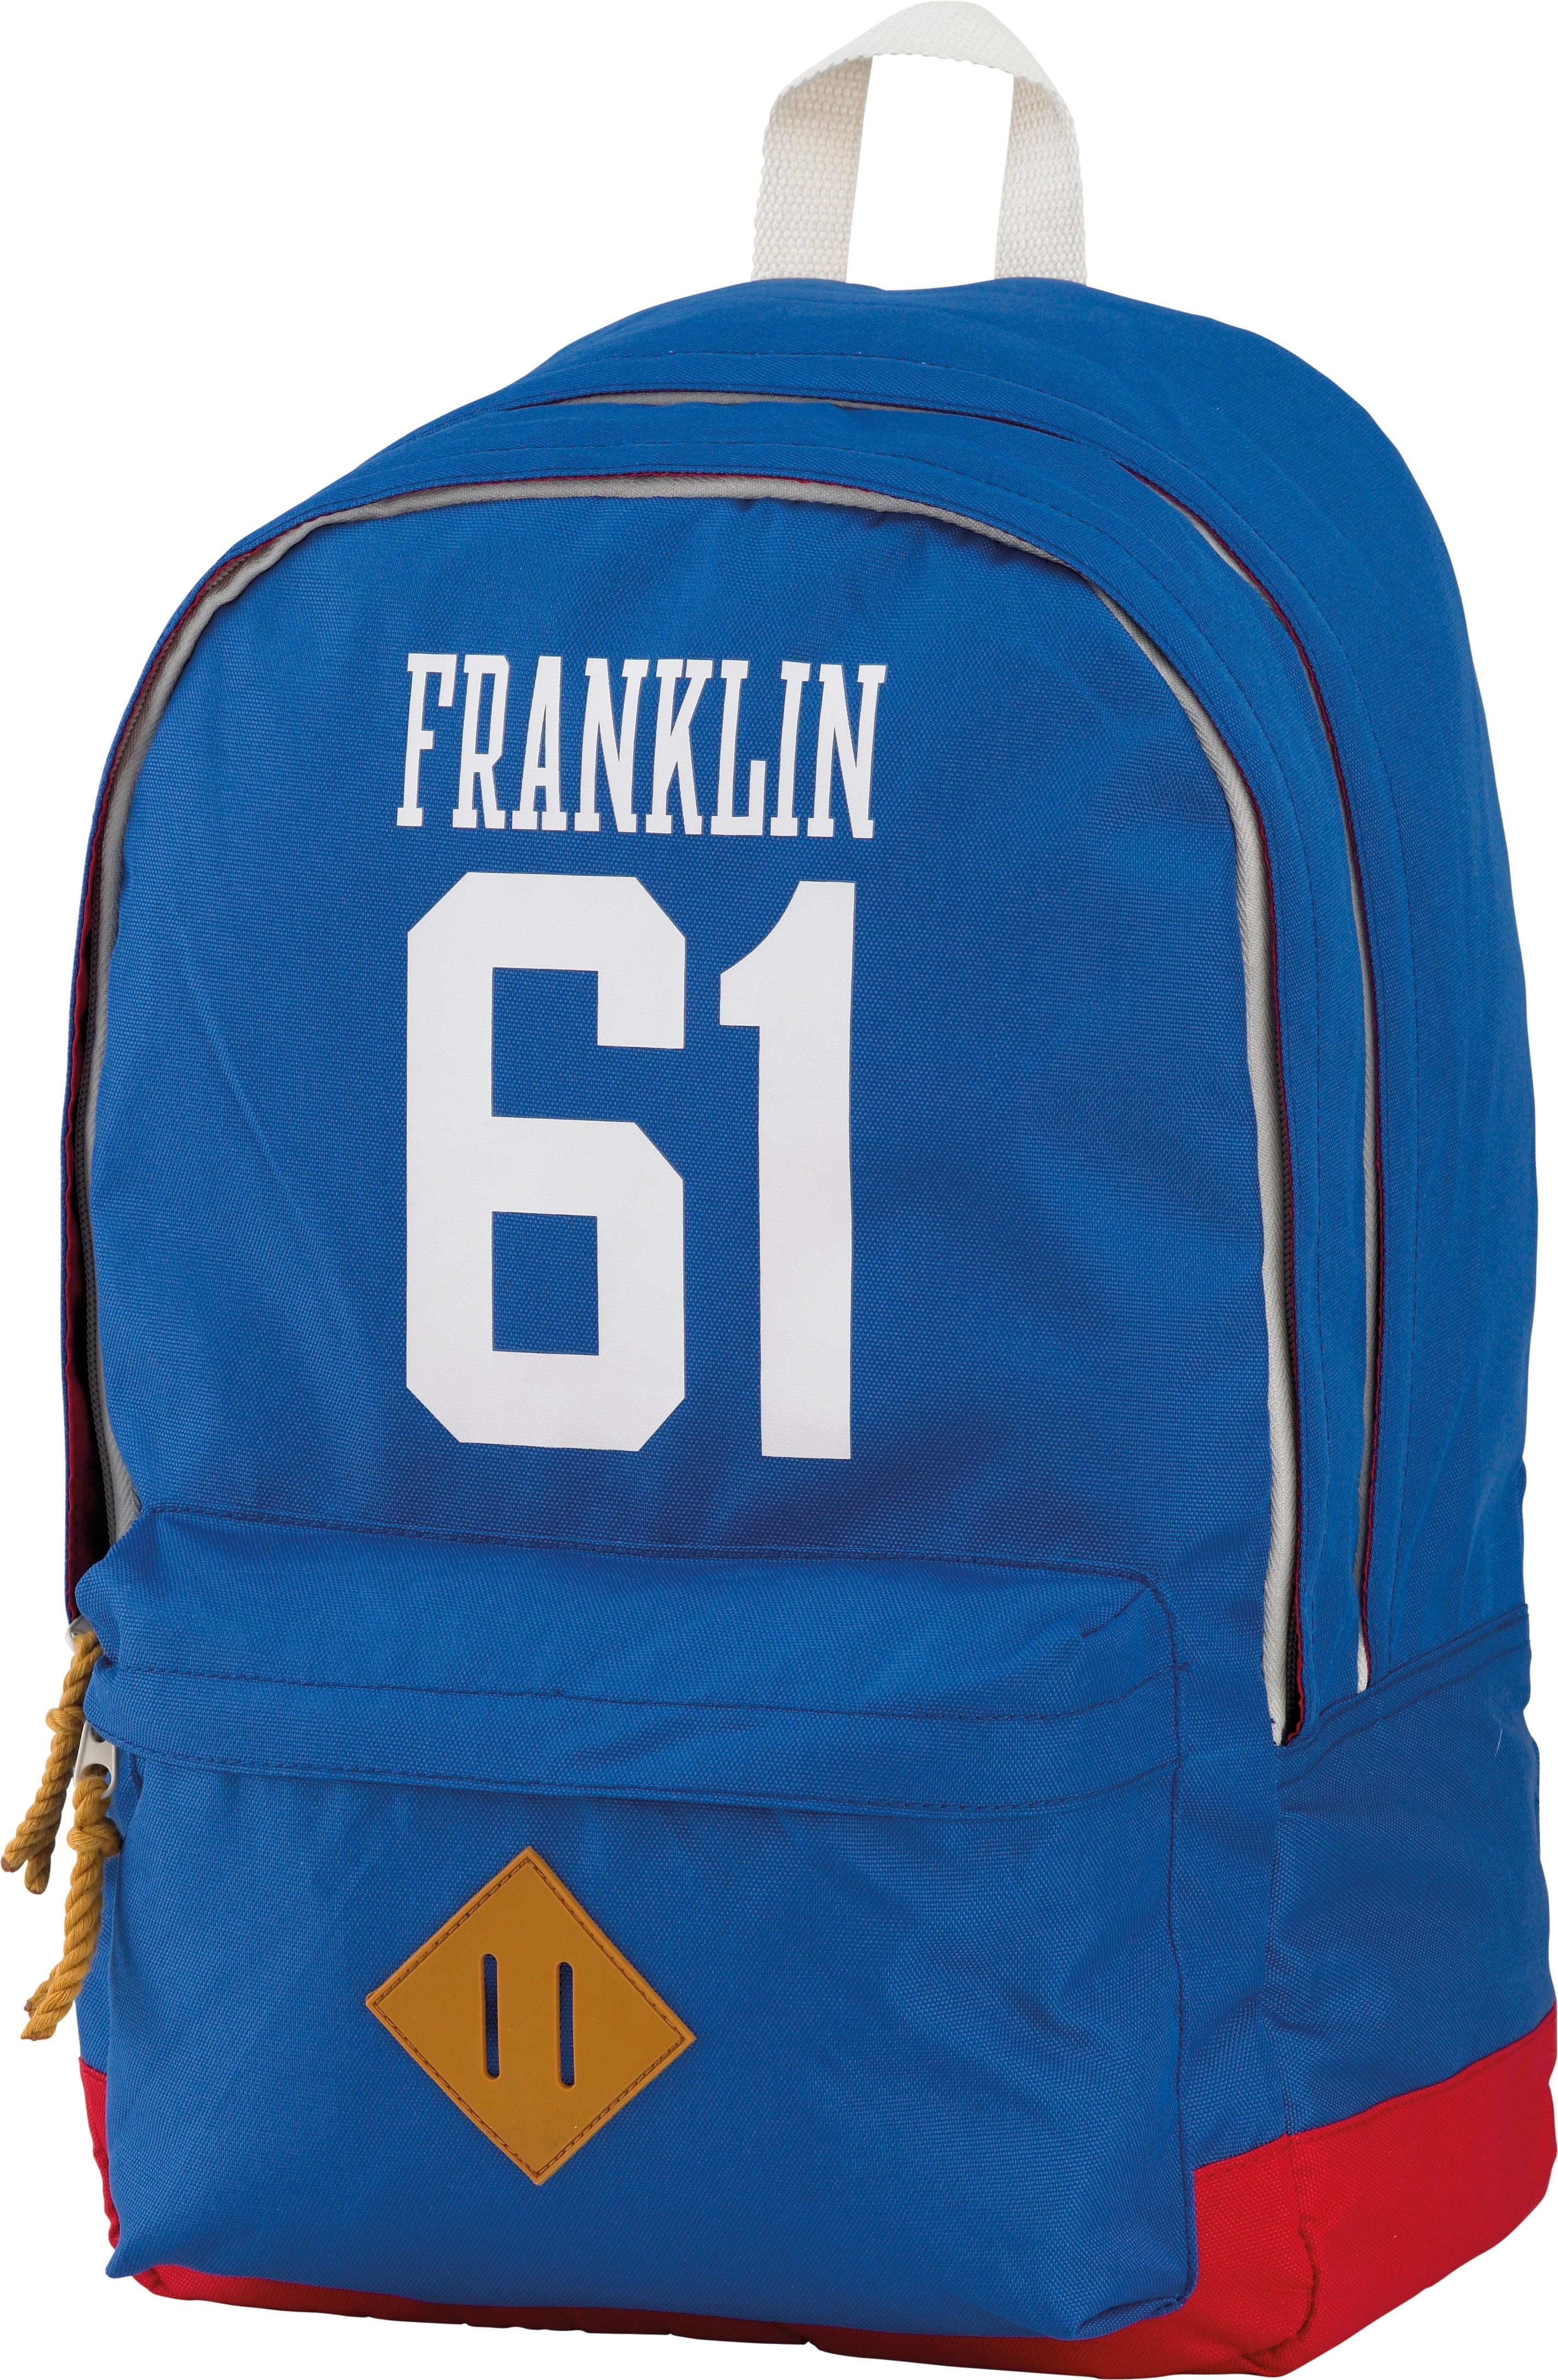 Franklin & Marshall, Rucksack mit gummiertem Bodenschutz, »Boys Backpack hellblau«   Taschen > Rucksäcke > Sonstige Rucksäcke   Blau   Polyester   FRANKLIN & MARSHALL